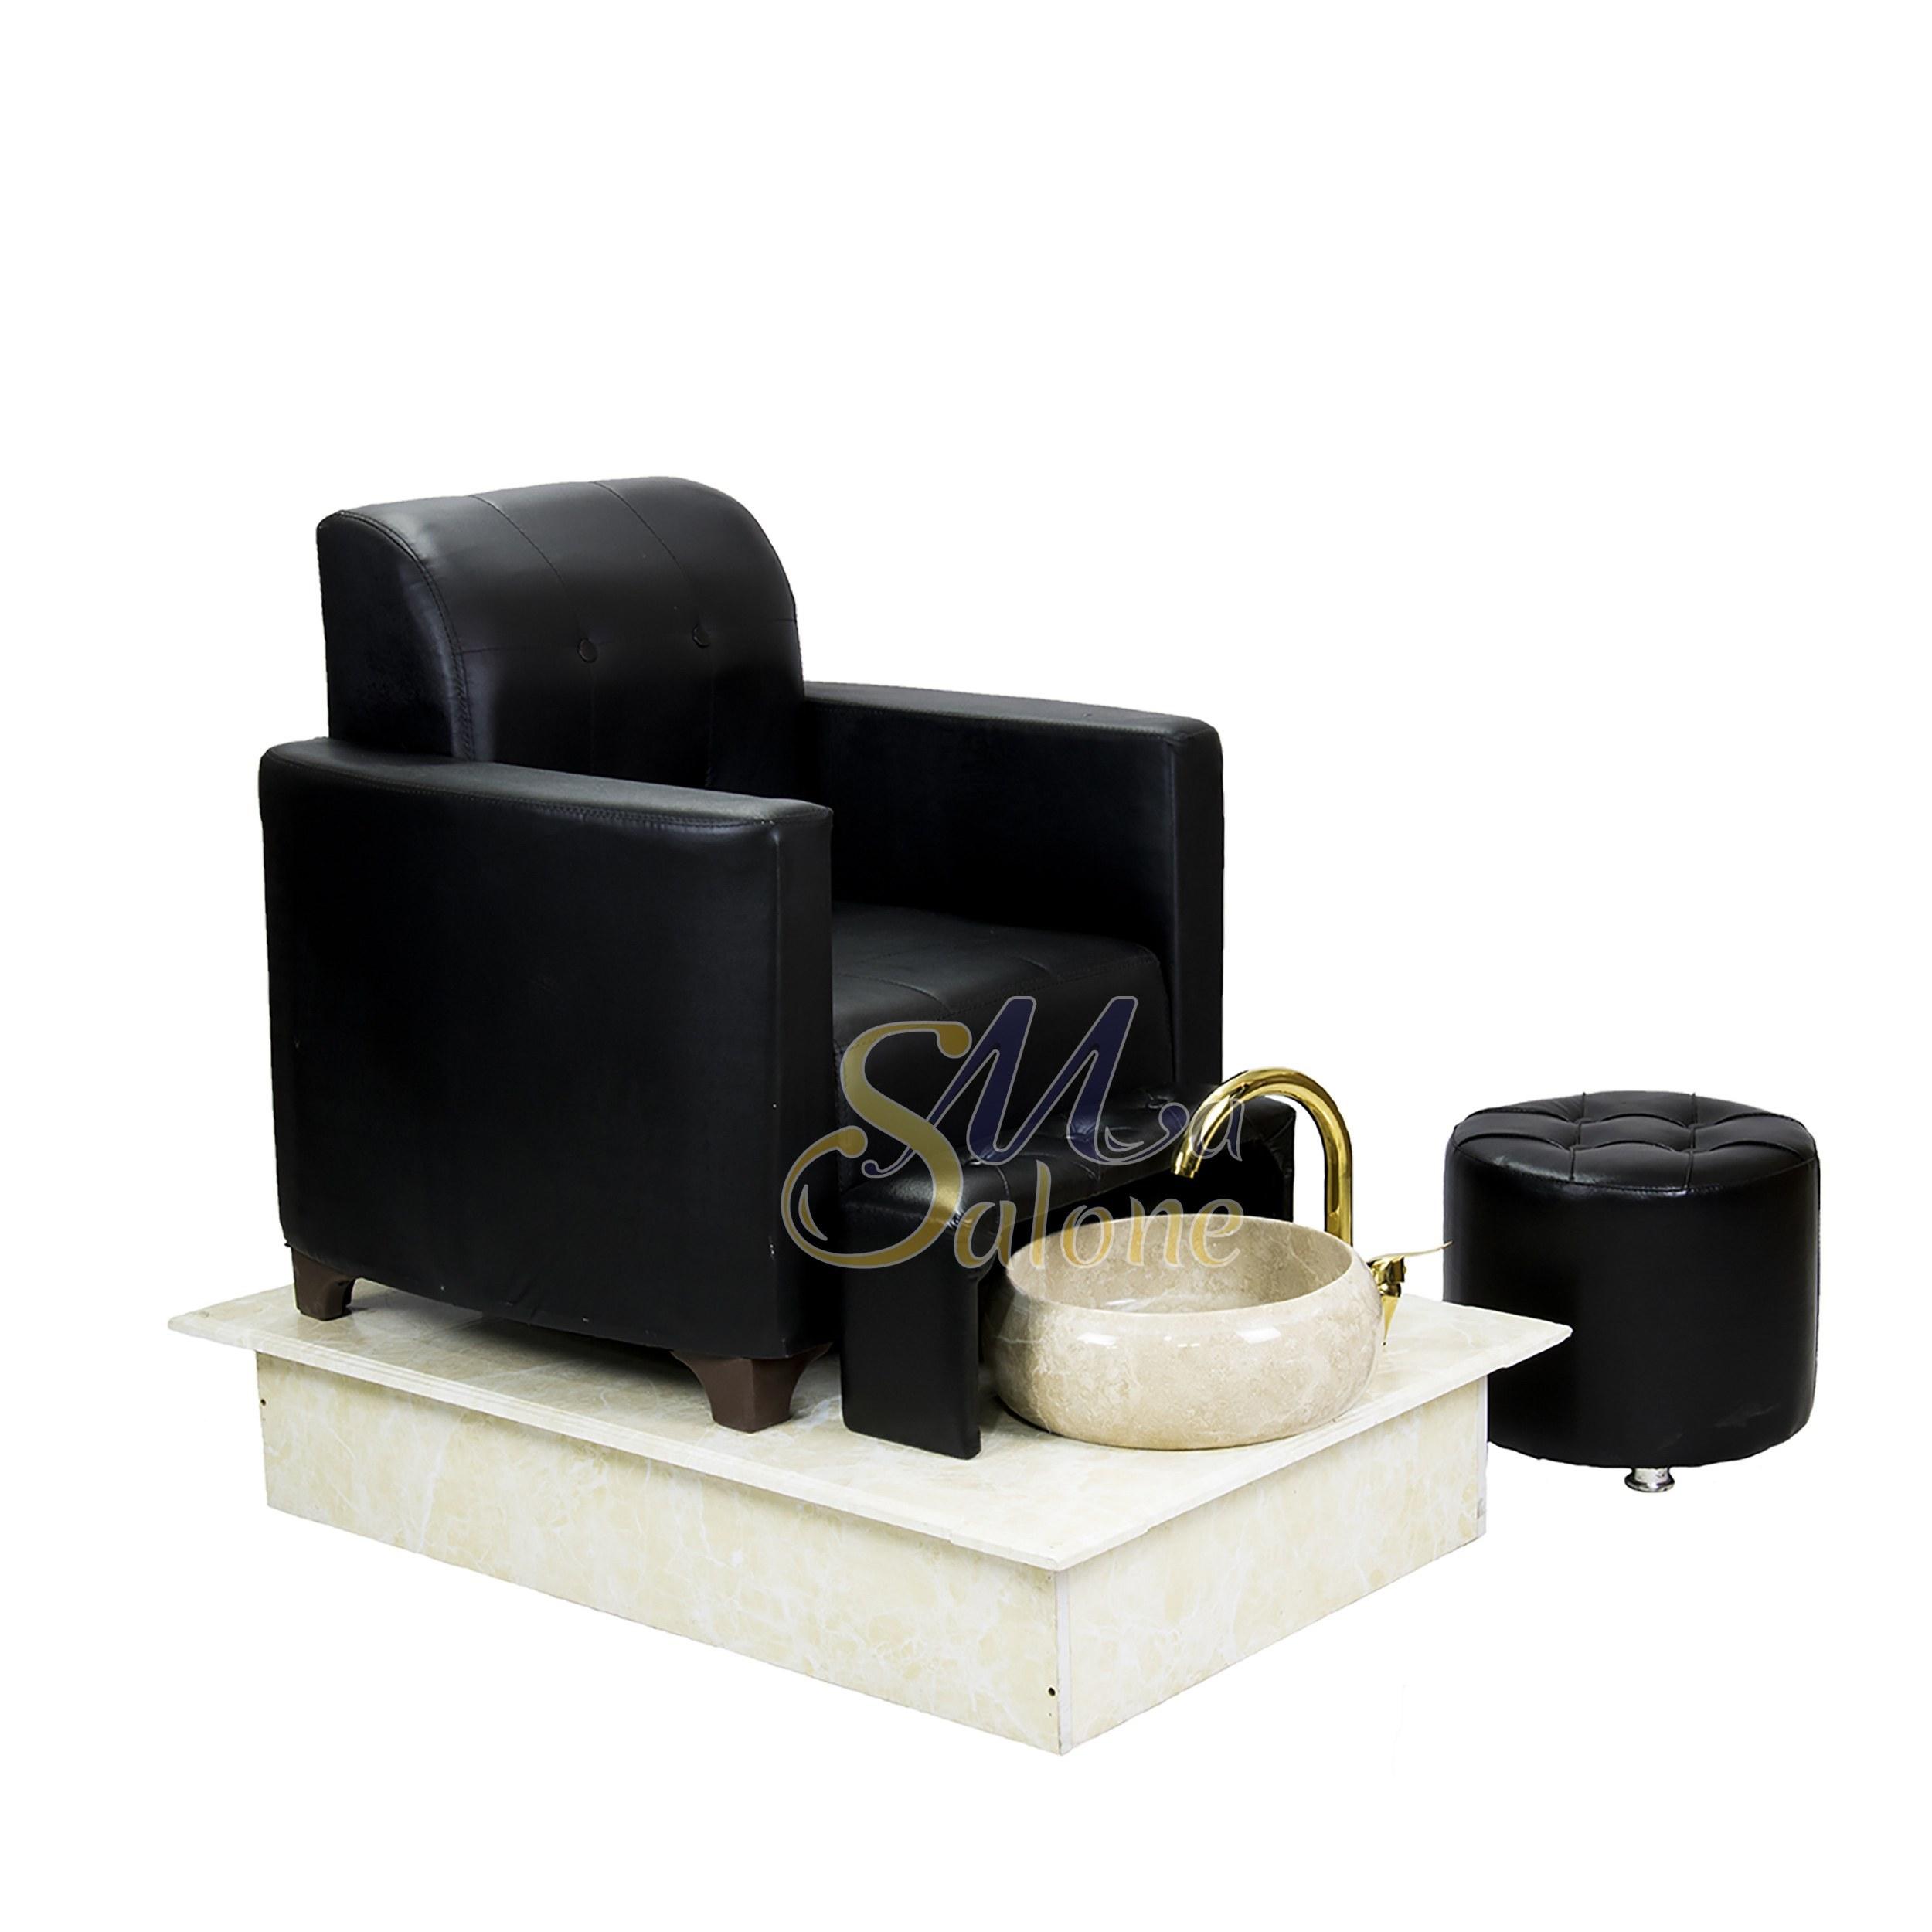 تصویر صندلی پدیکور سالن صنعت مدل کژال Pedicure chair of Kajal model industry salon